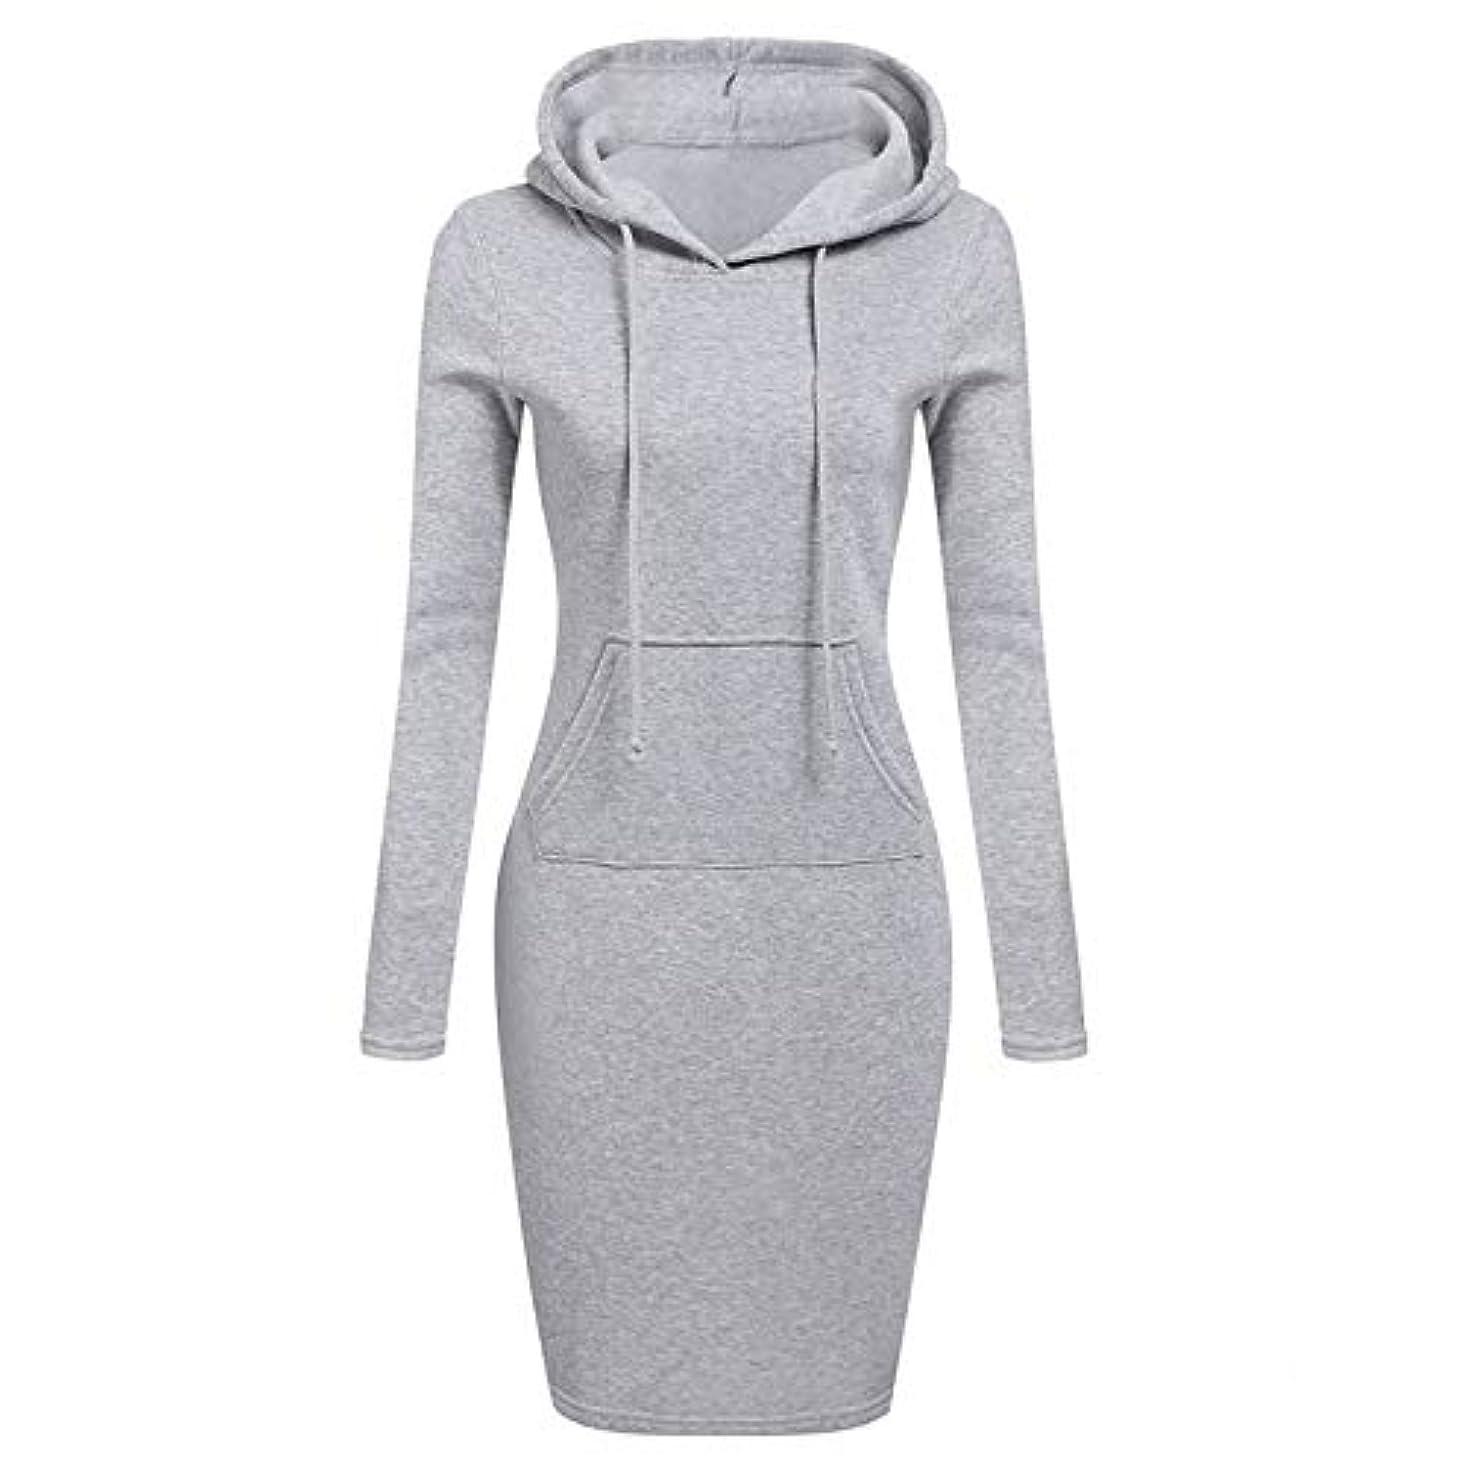 キャプテンブライ機械的ヘビOnderroa - ファッションフード付き巾着フリースの女性のドレス秋冬はドレス女性Vestidosパーカースウェットシャツドレスを温めます